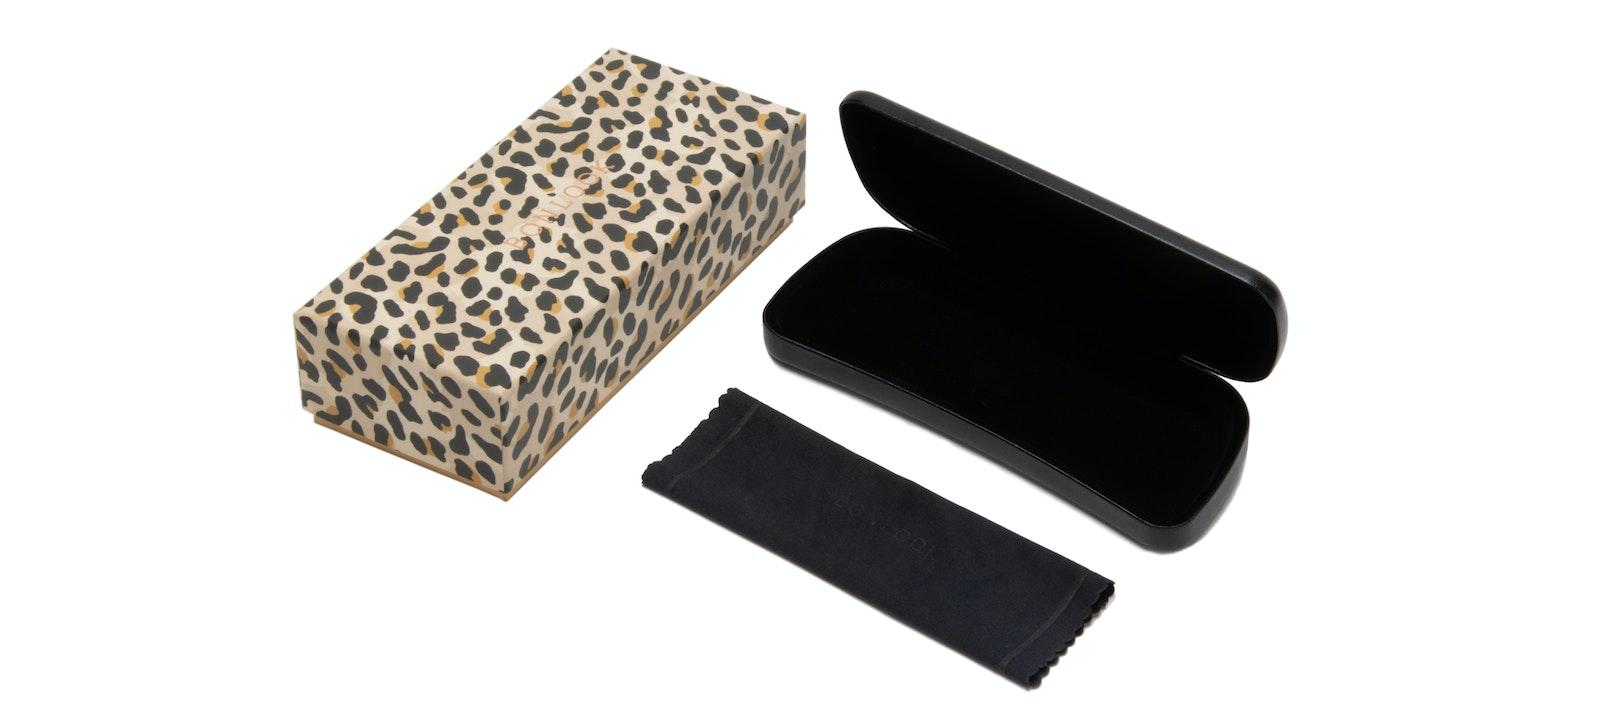 Lunettes tendance Accessoire Hommes Femmes Classic Bonlook Case Leopard Face